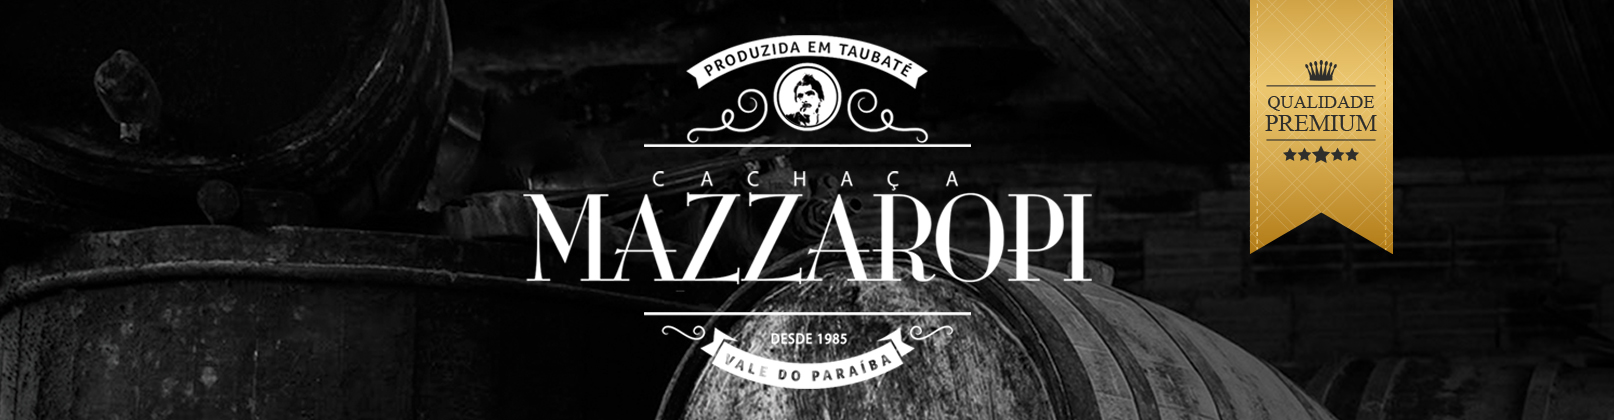 Premios_Cachaca_Mazza